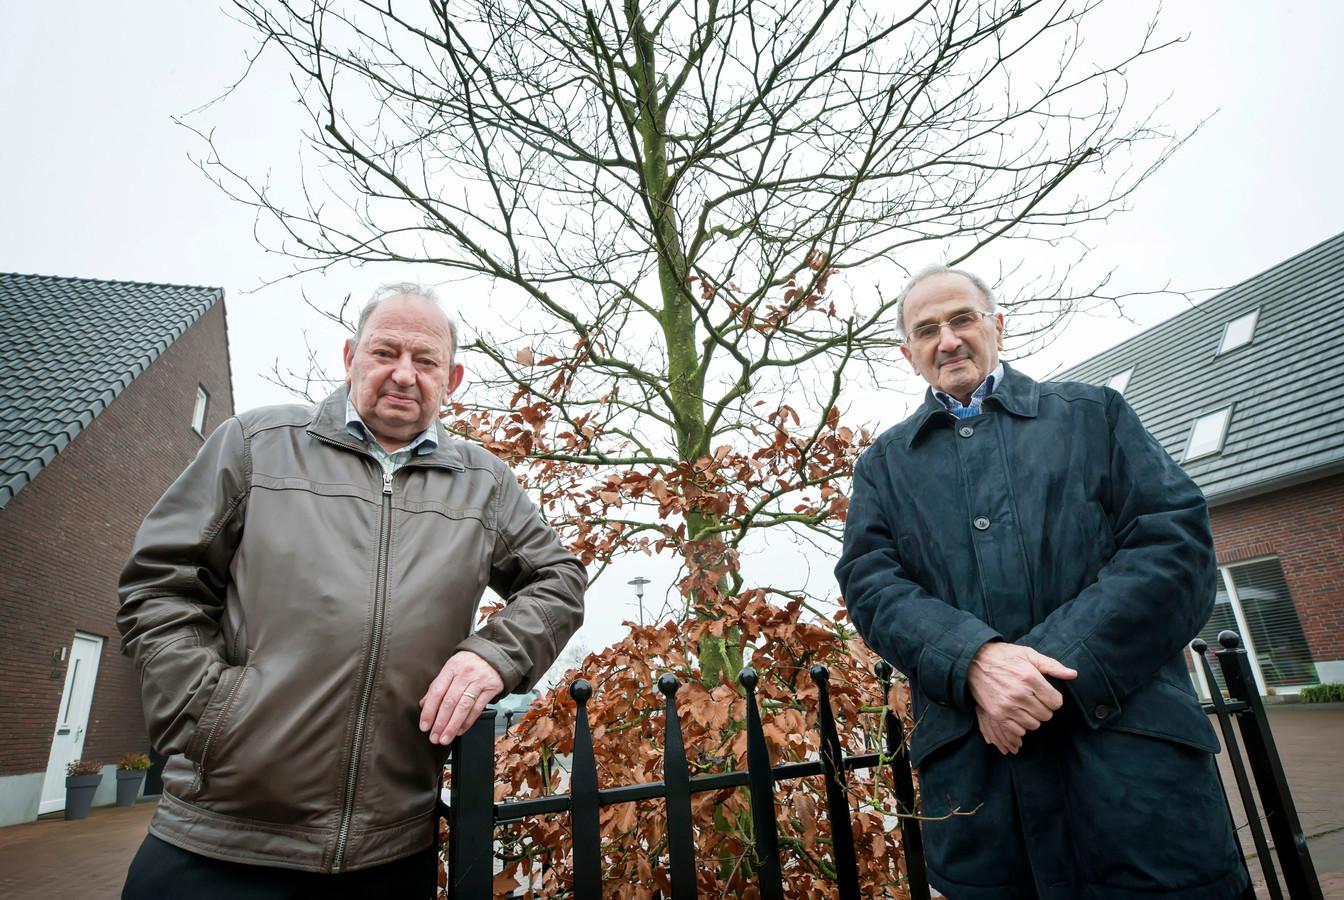 Tweelingbroers Piet en Cees Oomen (80) bij de Adrianus Oomen-boom, vernoemd naar hun vader die sneuvelde in de TWeede Wereldoorlog.